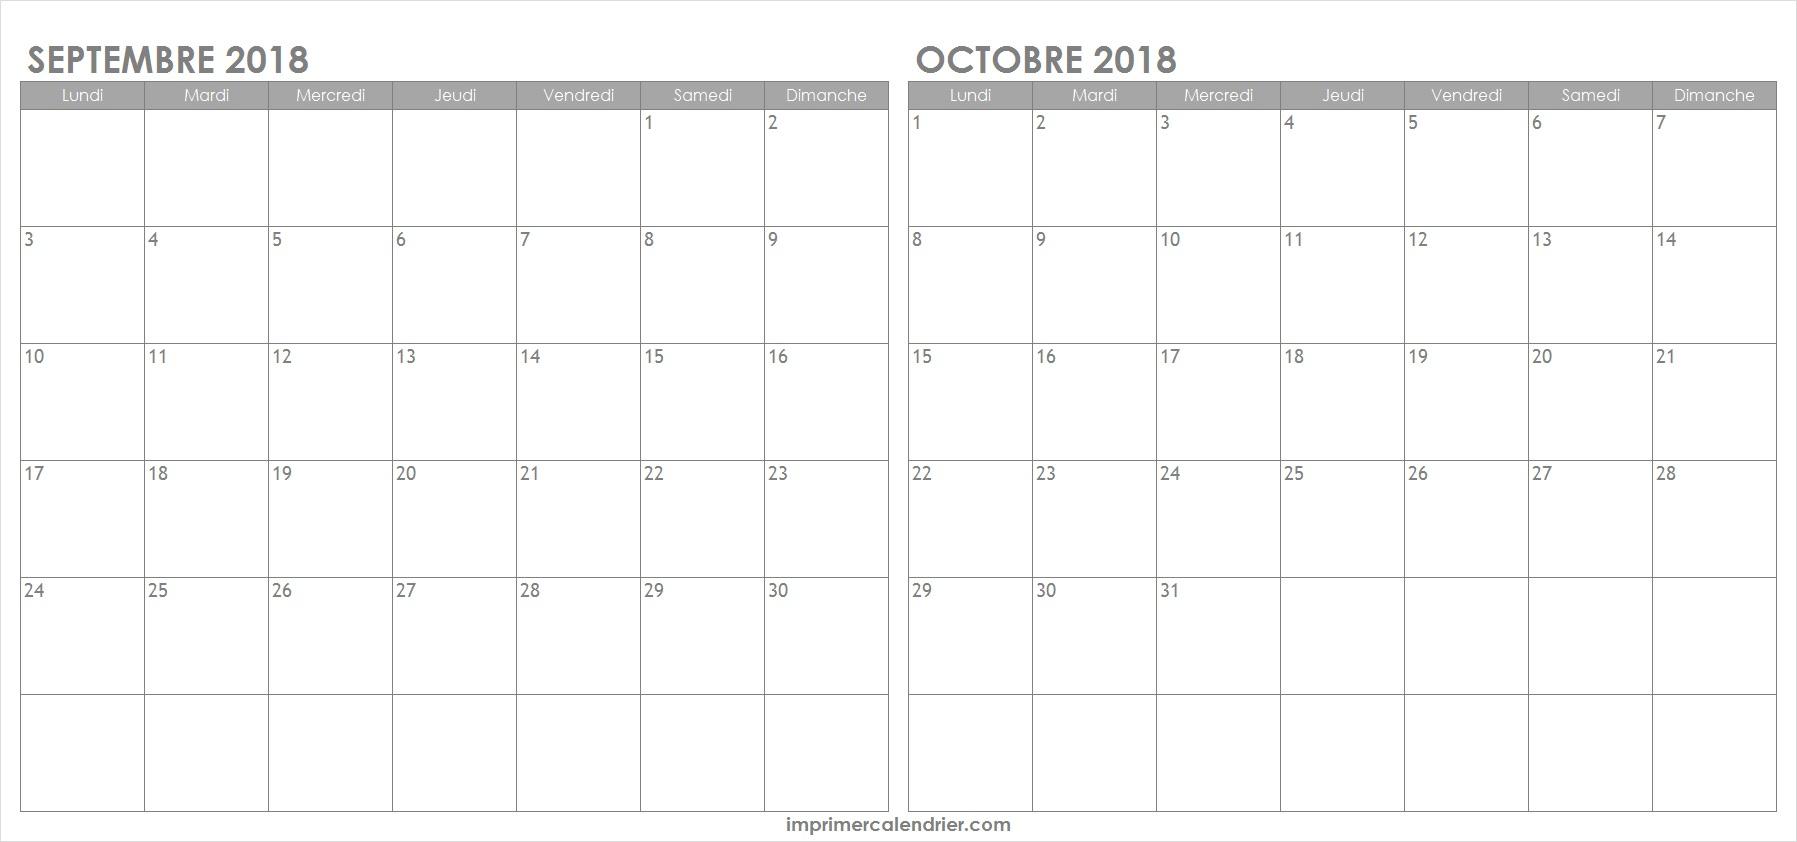 Calendrier Septembre Octobre 2018 Gratuit À Imprimer encequiconcerne Calendrier 2018 A Imprimer Par Mois